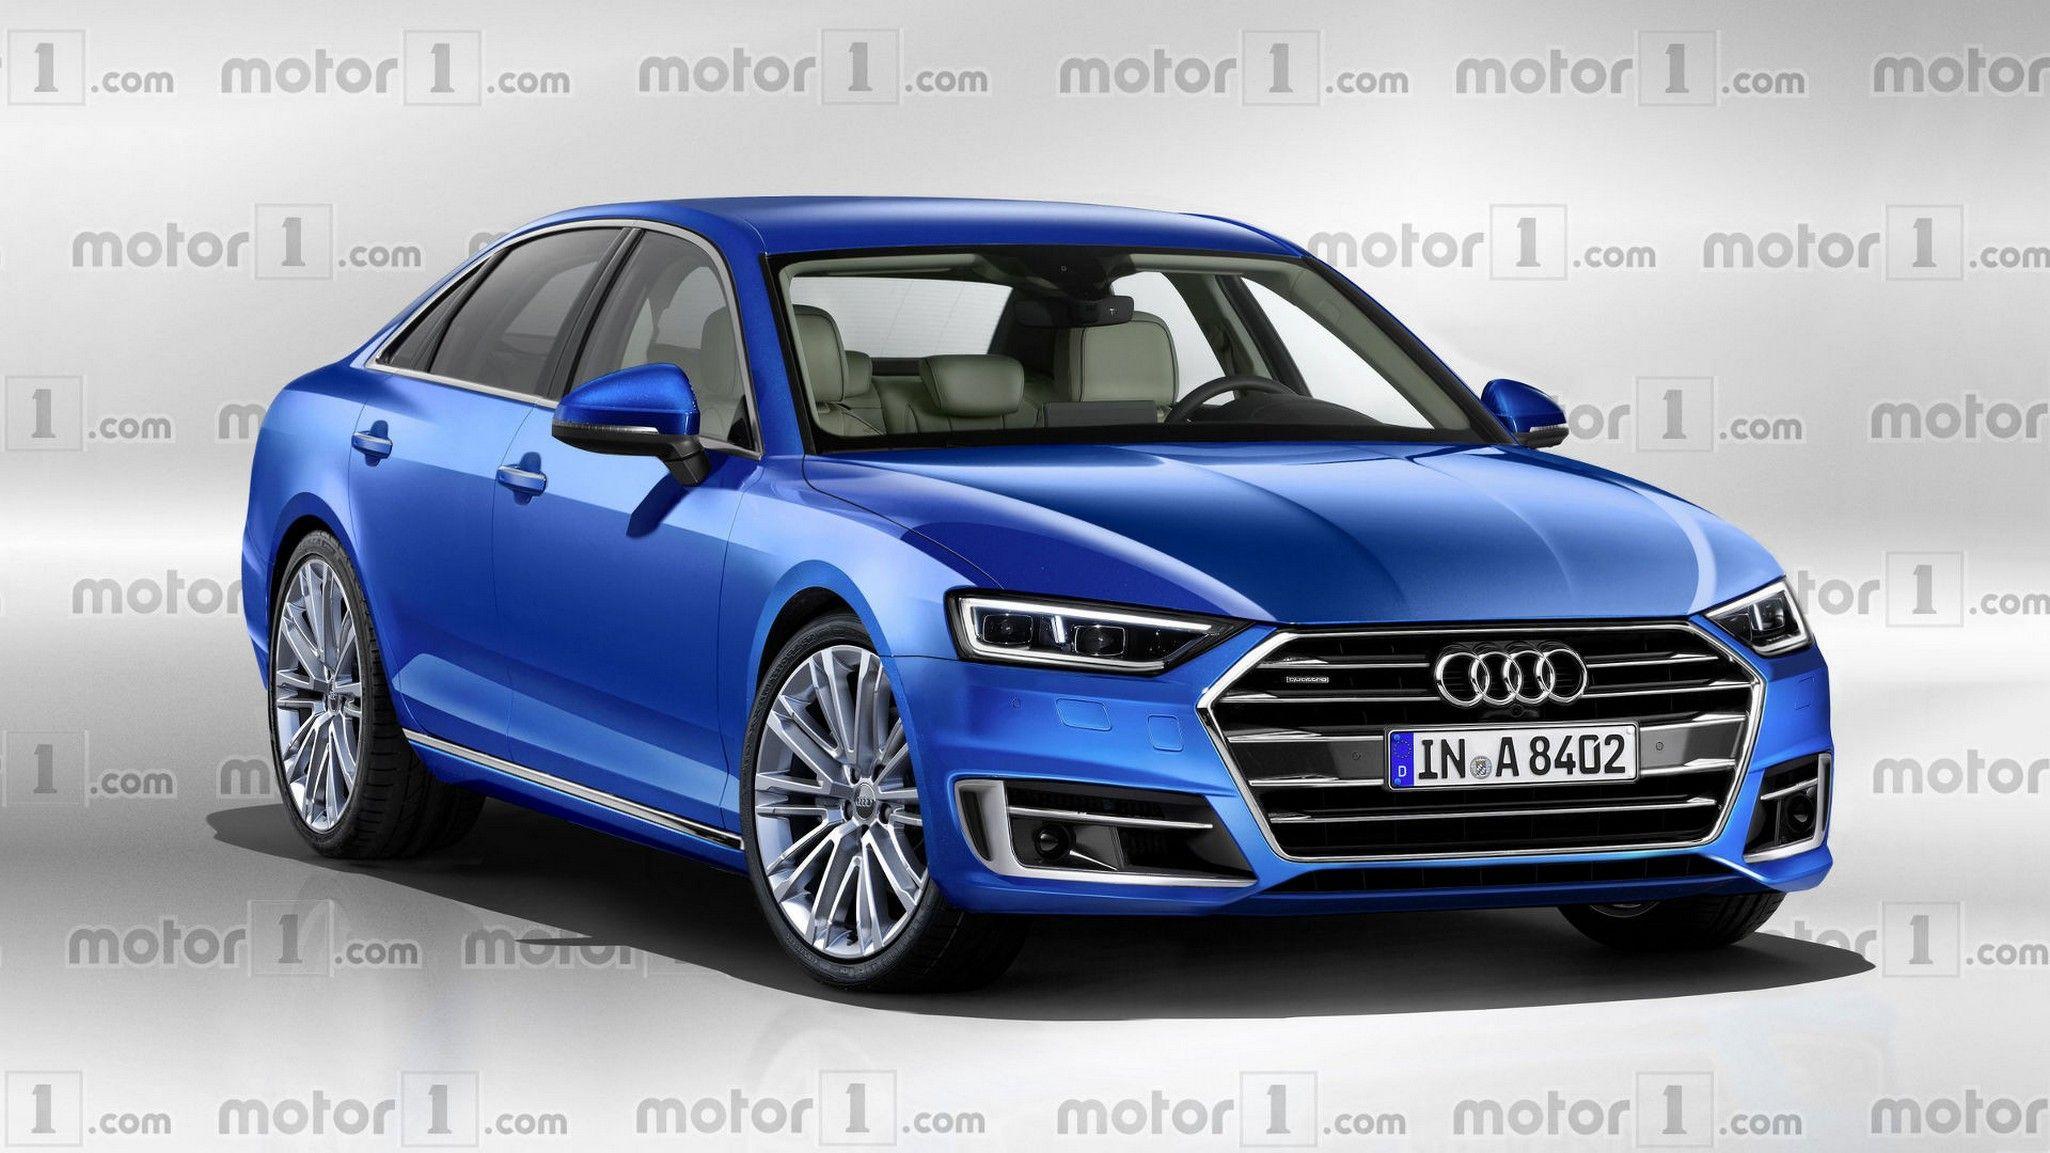 New 2018 Audi A8 Price Audi A8 Audi Car